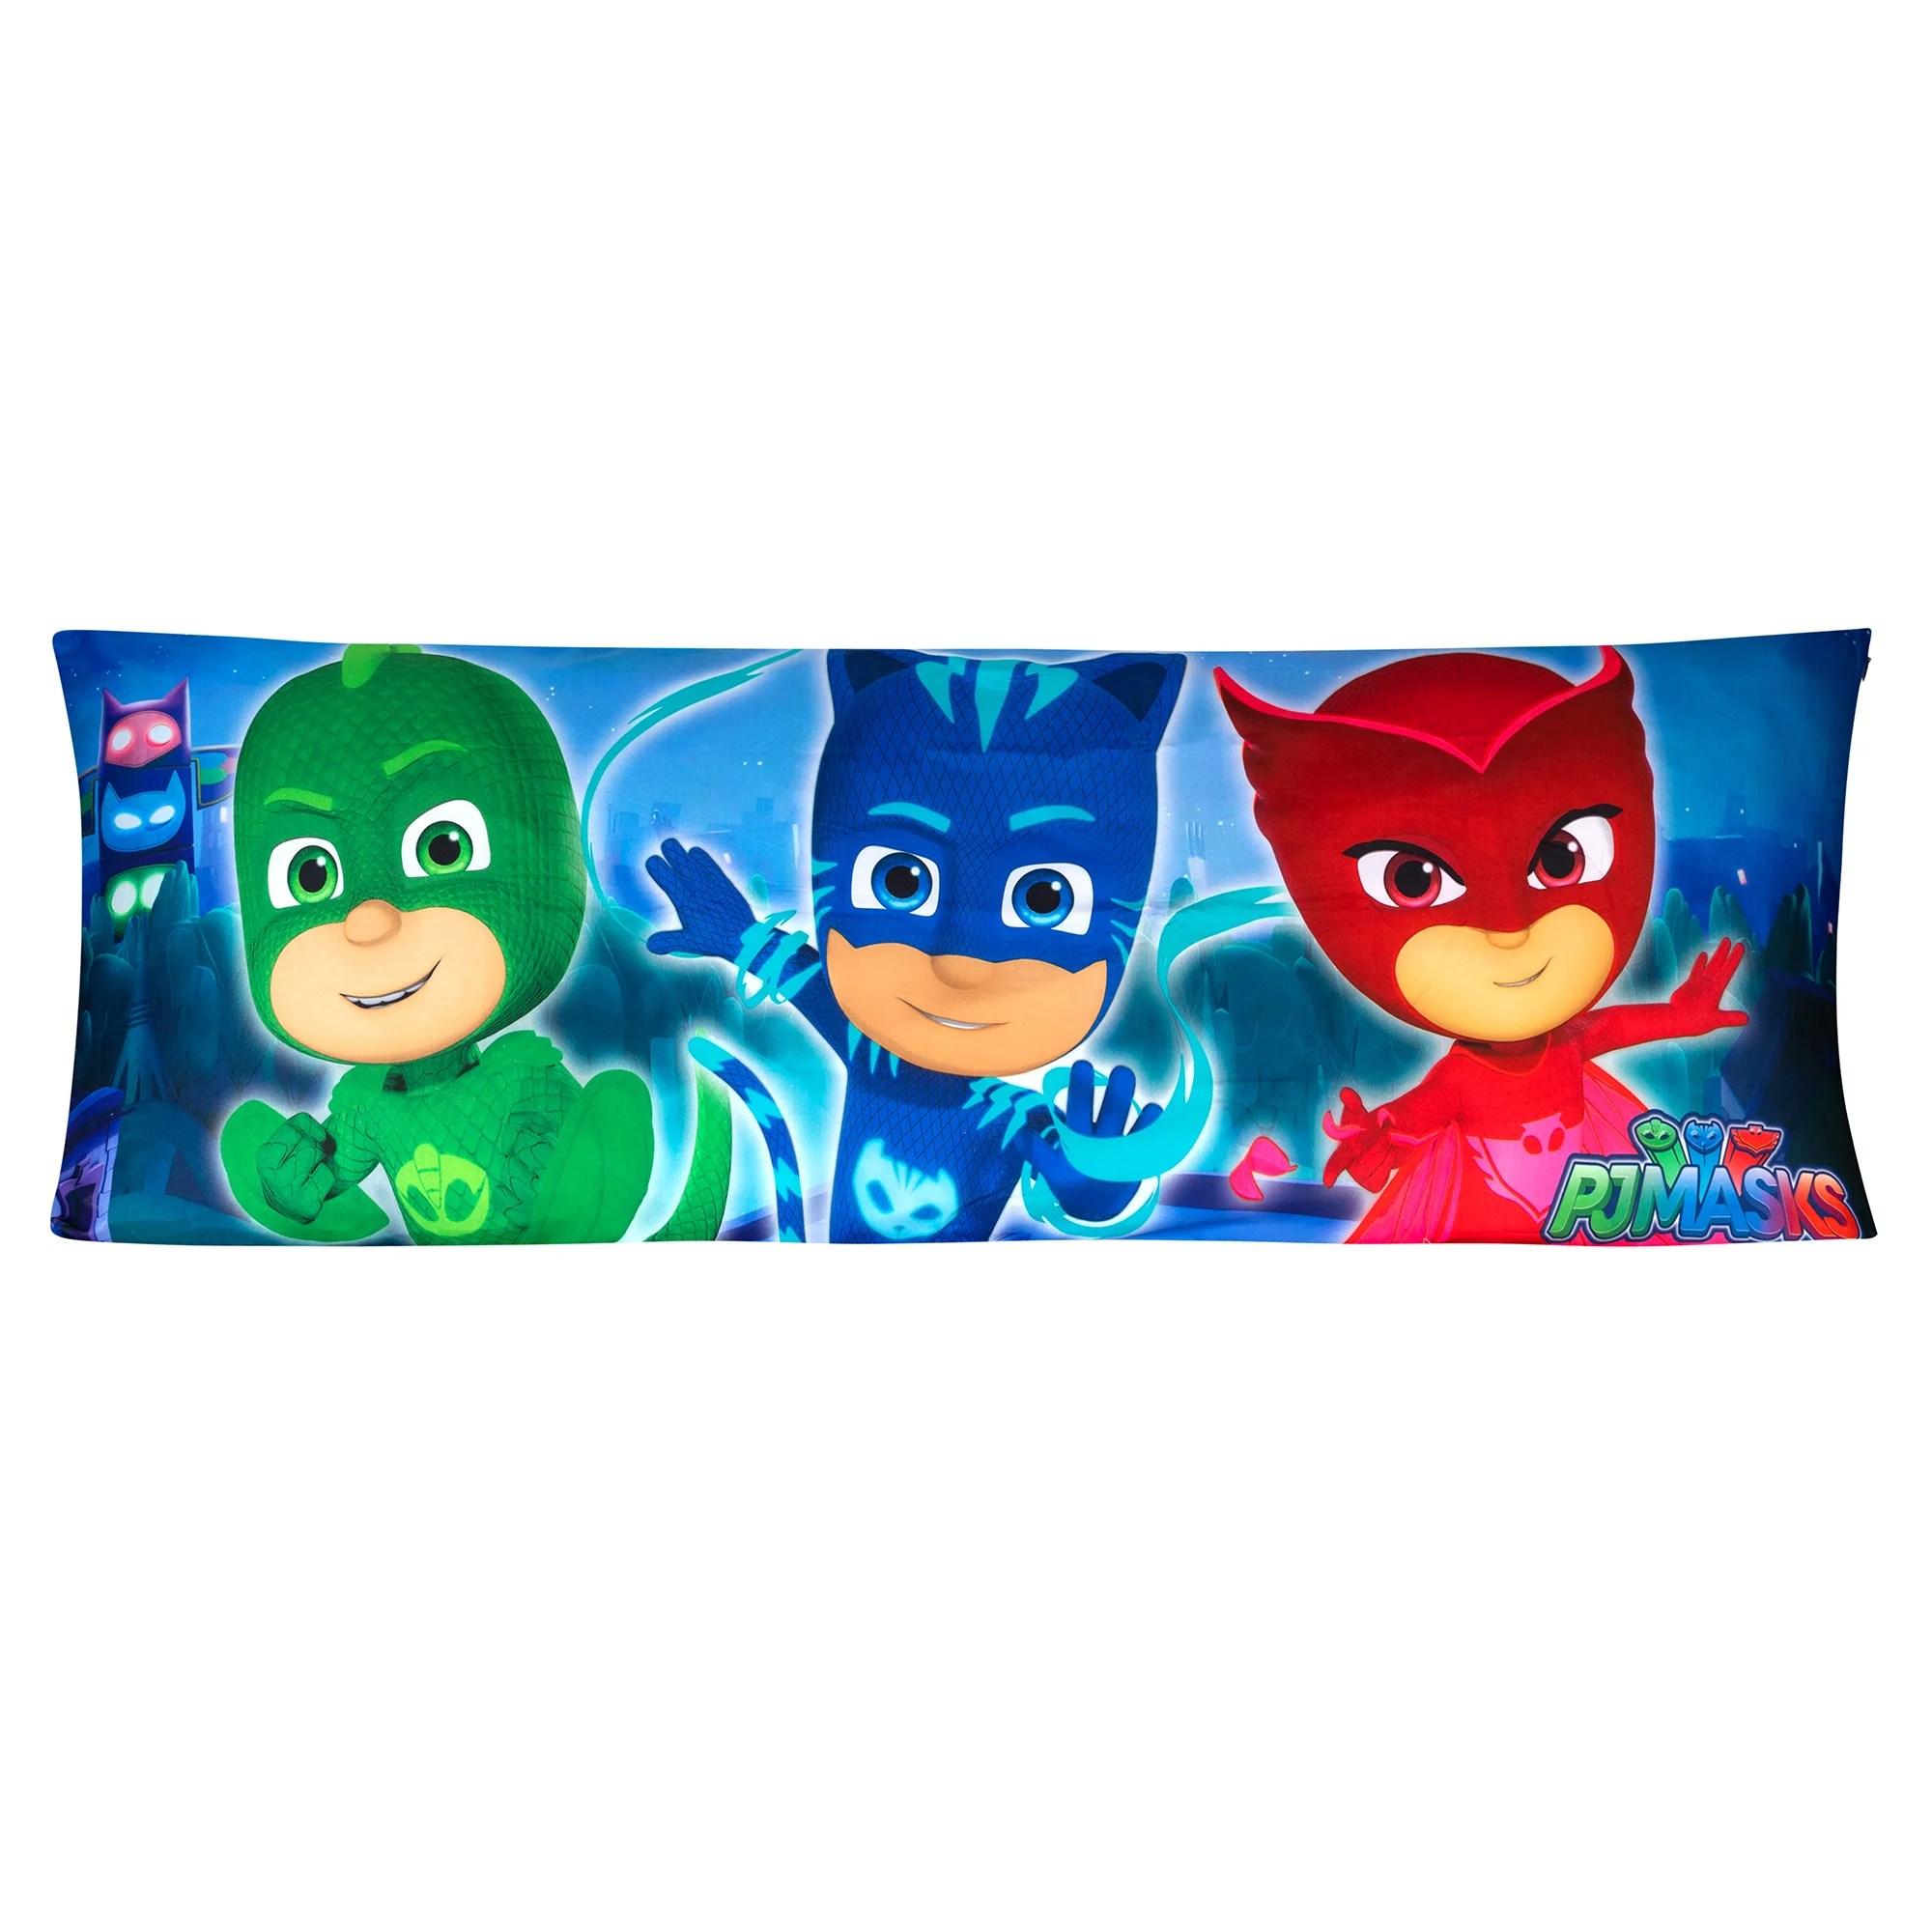 pj masks body pillow cover with zipper kids bedding 20 x54 walmart com